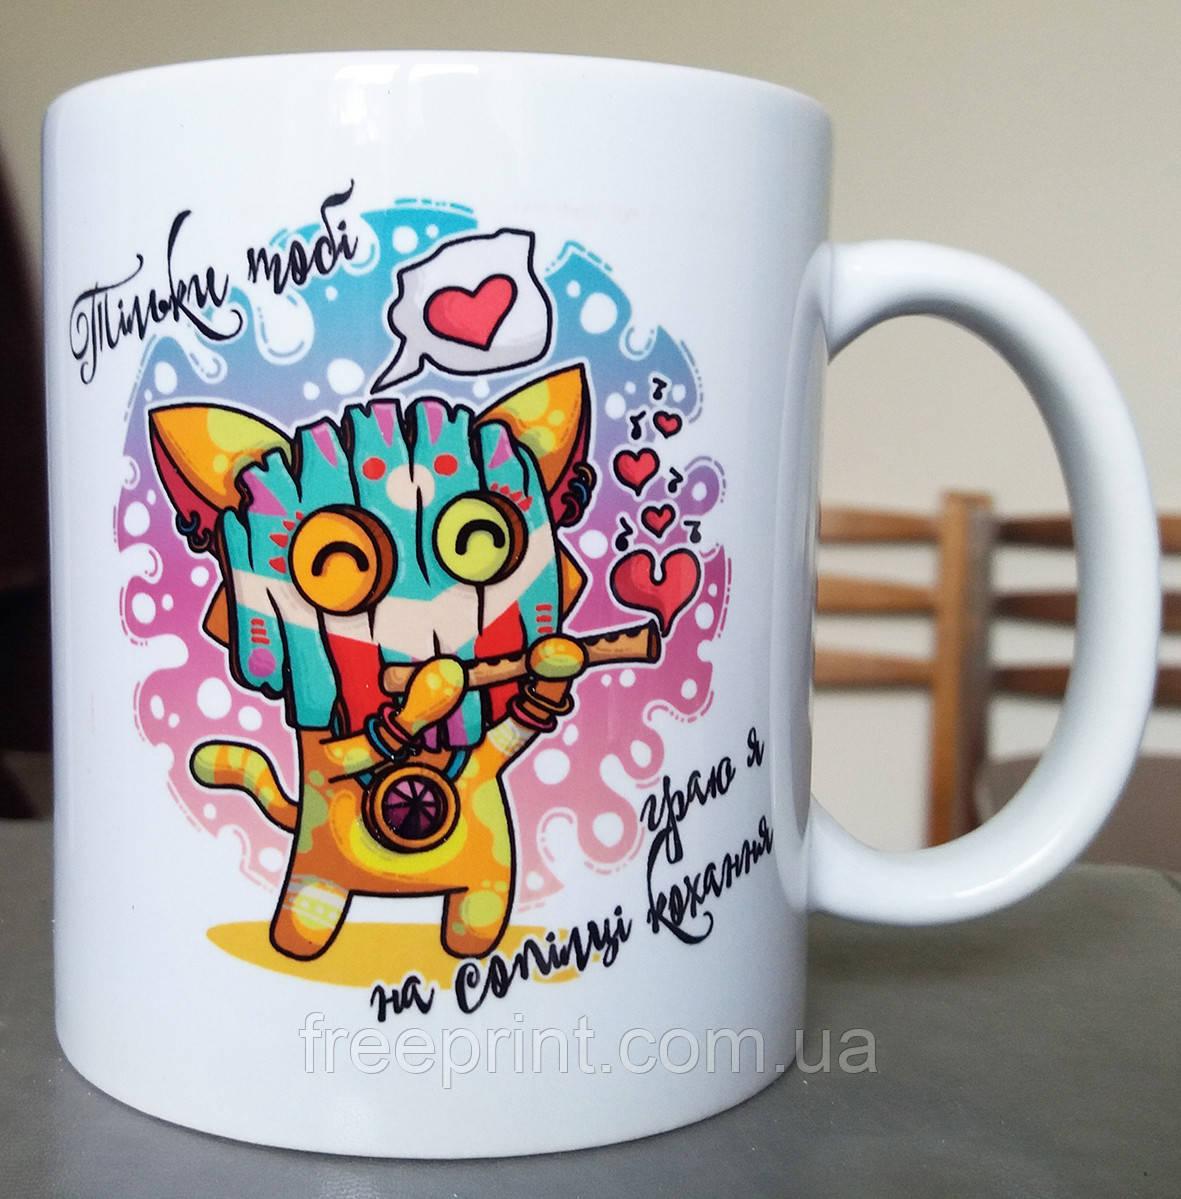 """Чашка """"Тільки тобі граю я на сопілці кохання"""". Печать на чашках, кружках. Нанесение логотипа на чашку"""